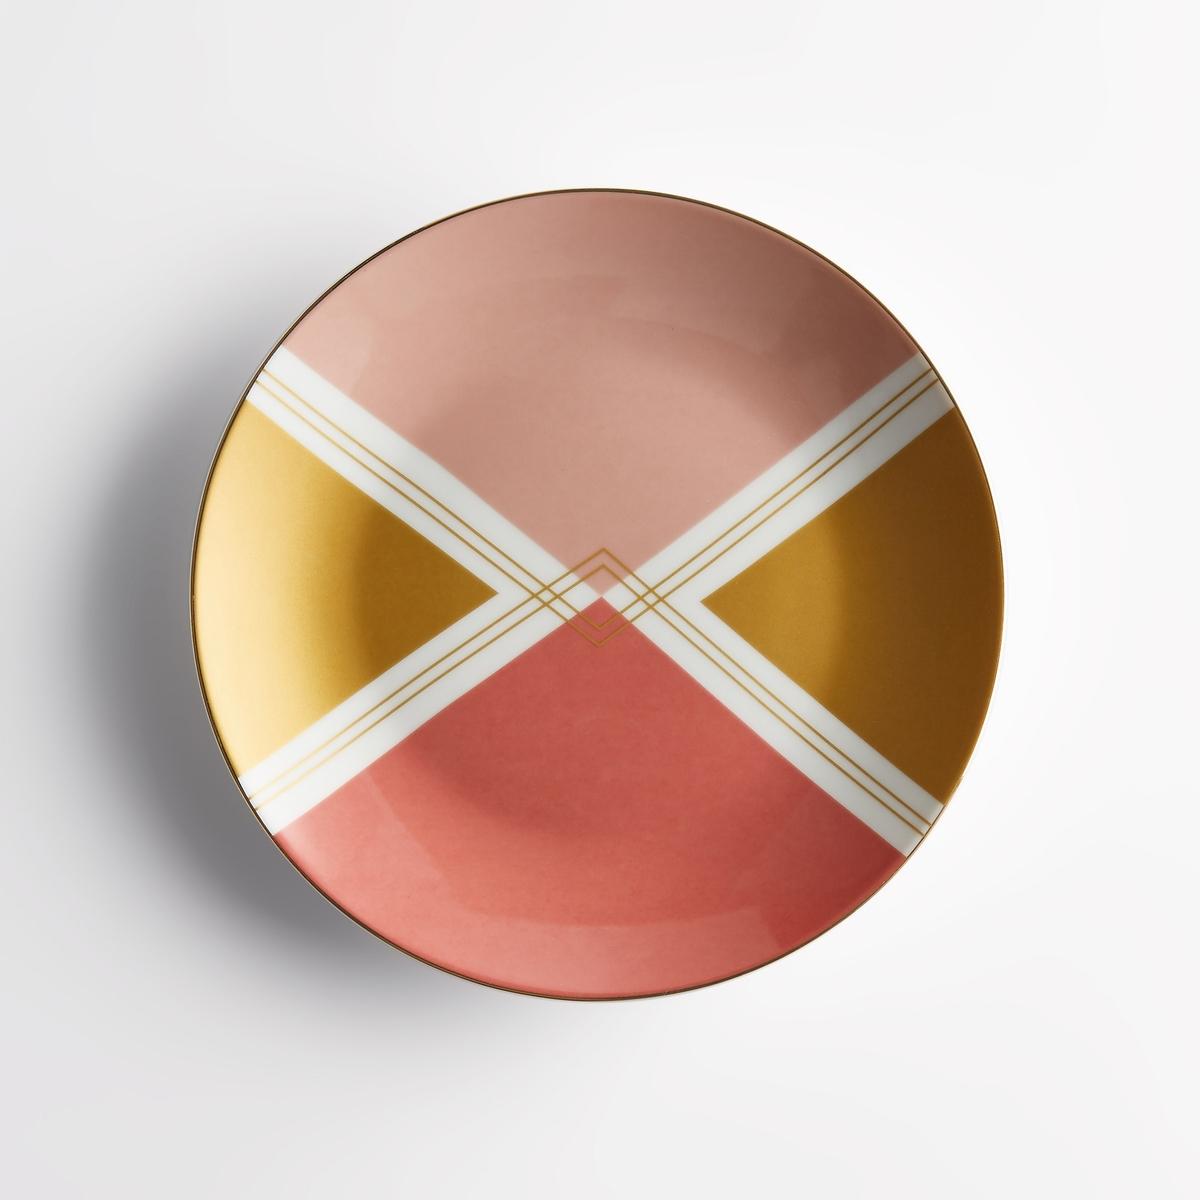 Комплект из 4 десертных тарелок с рисунком, PalatoХарактеристики 4 десертных тарелок с рисунком Palato :Фарфор.С рисунком.Кайма золотистого цвета.Размеры 4 десертных тарелок с рисунком Palato :Диаметр. 20,5 см.Другие тарелки и предметы декора стола вы можете найти на сайте laredoute.ru<br><br>Цвет: набивной рисунок